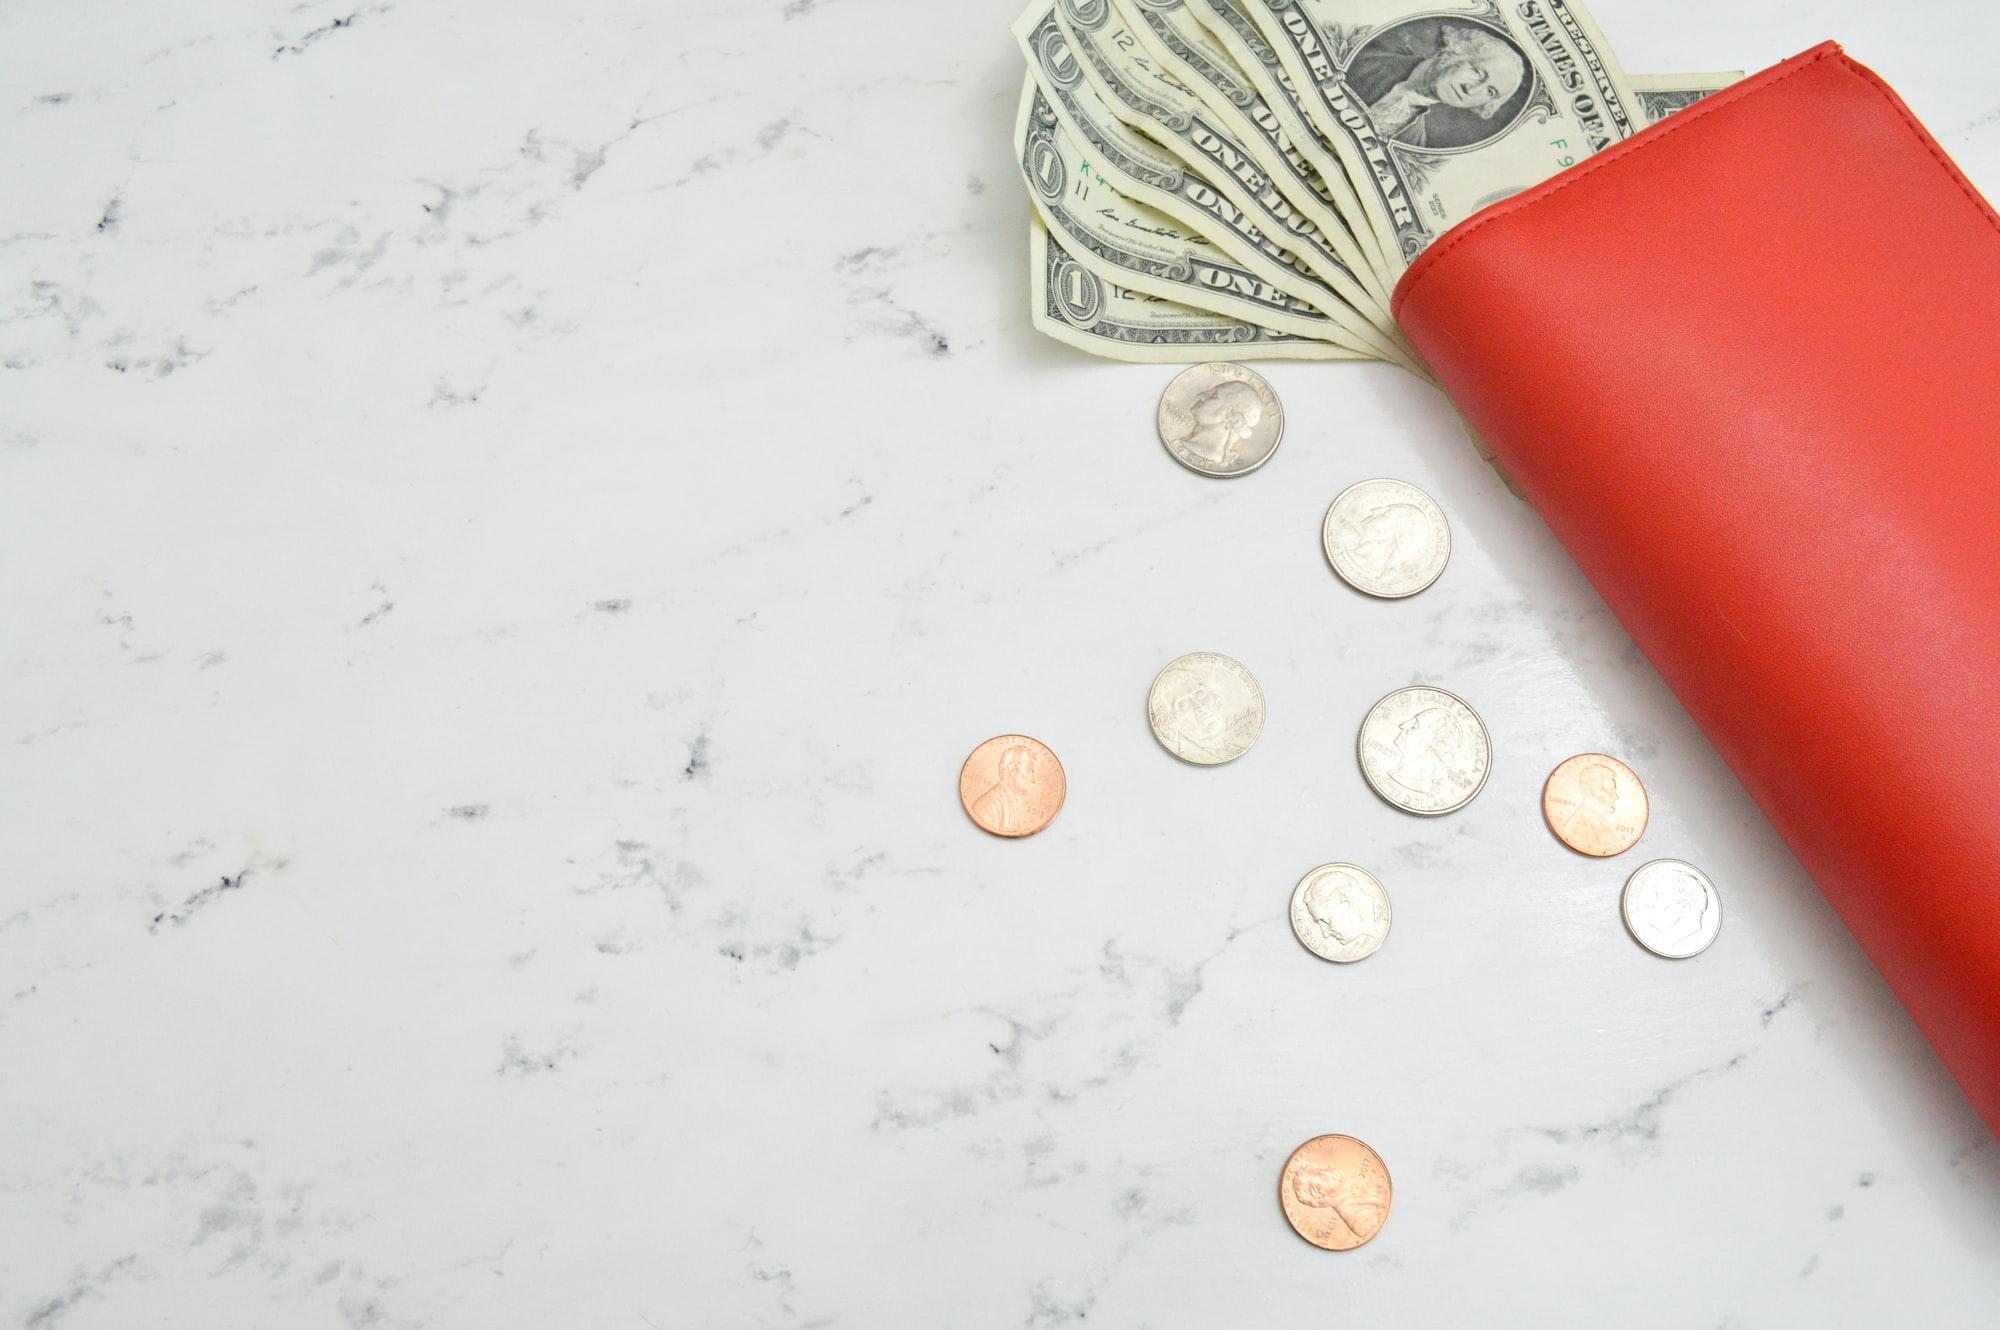 Các dạng bài viết mà bạn có thể chọn để viết và kiếm ra tiền